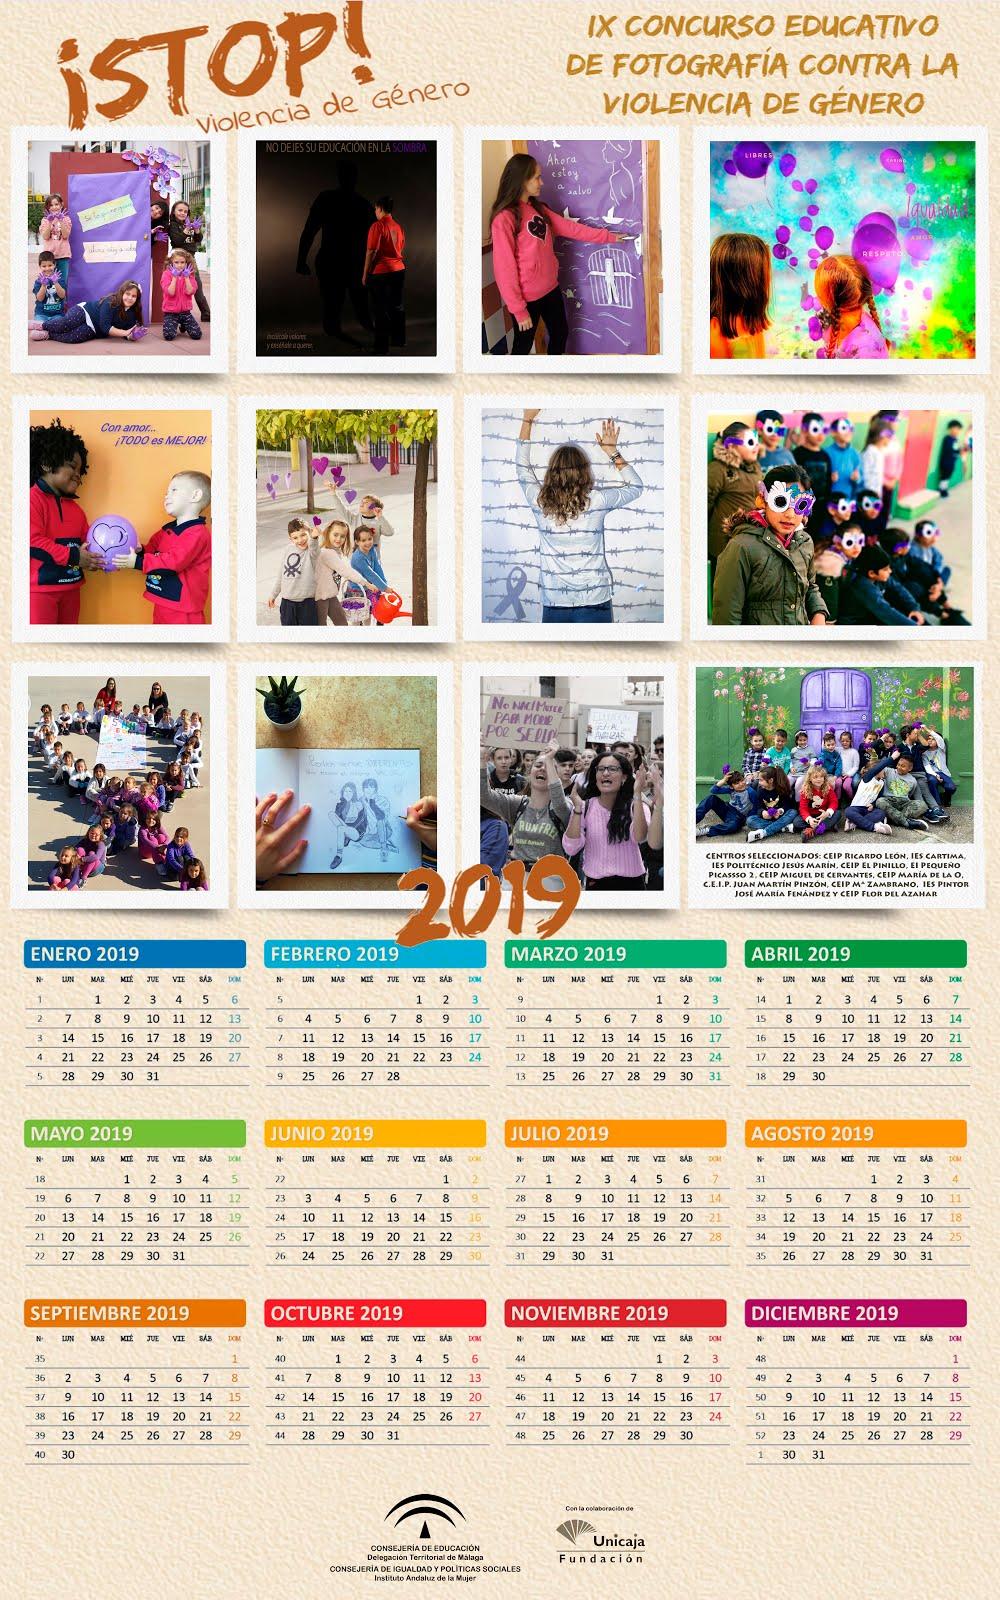 Calendario 2019 contra la violencia de género